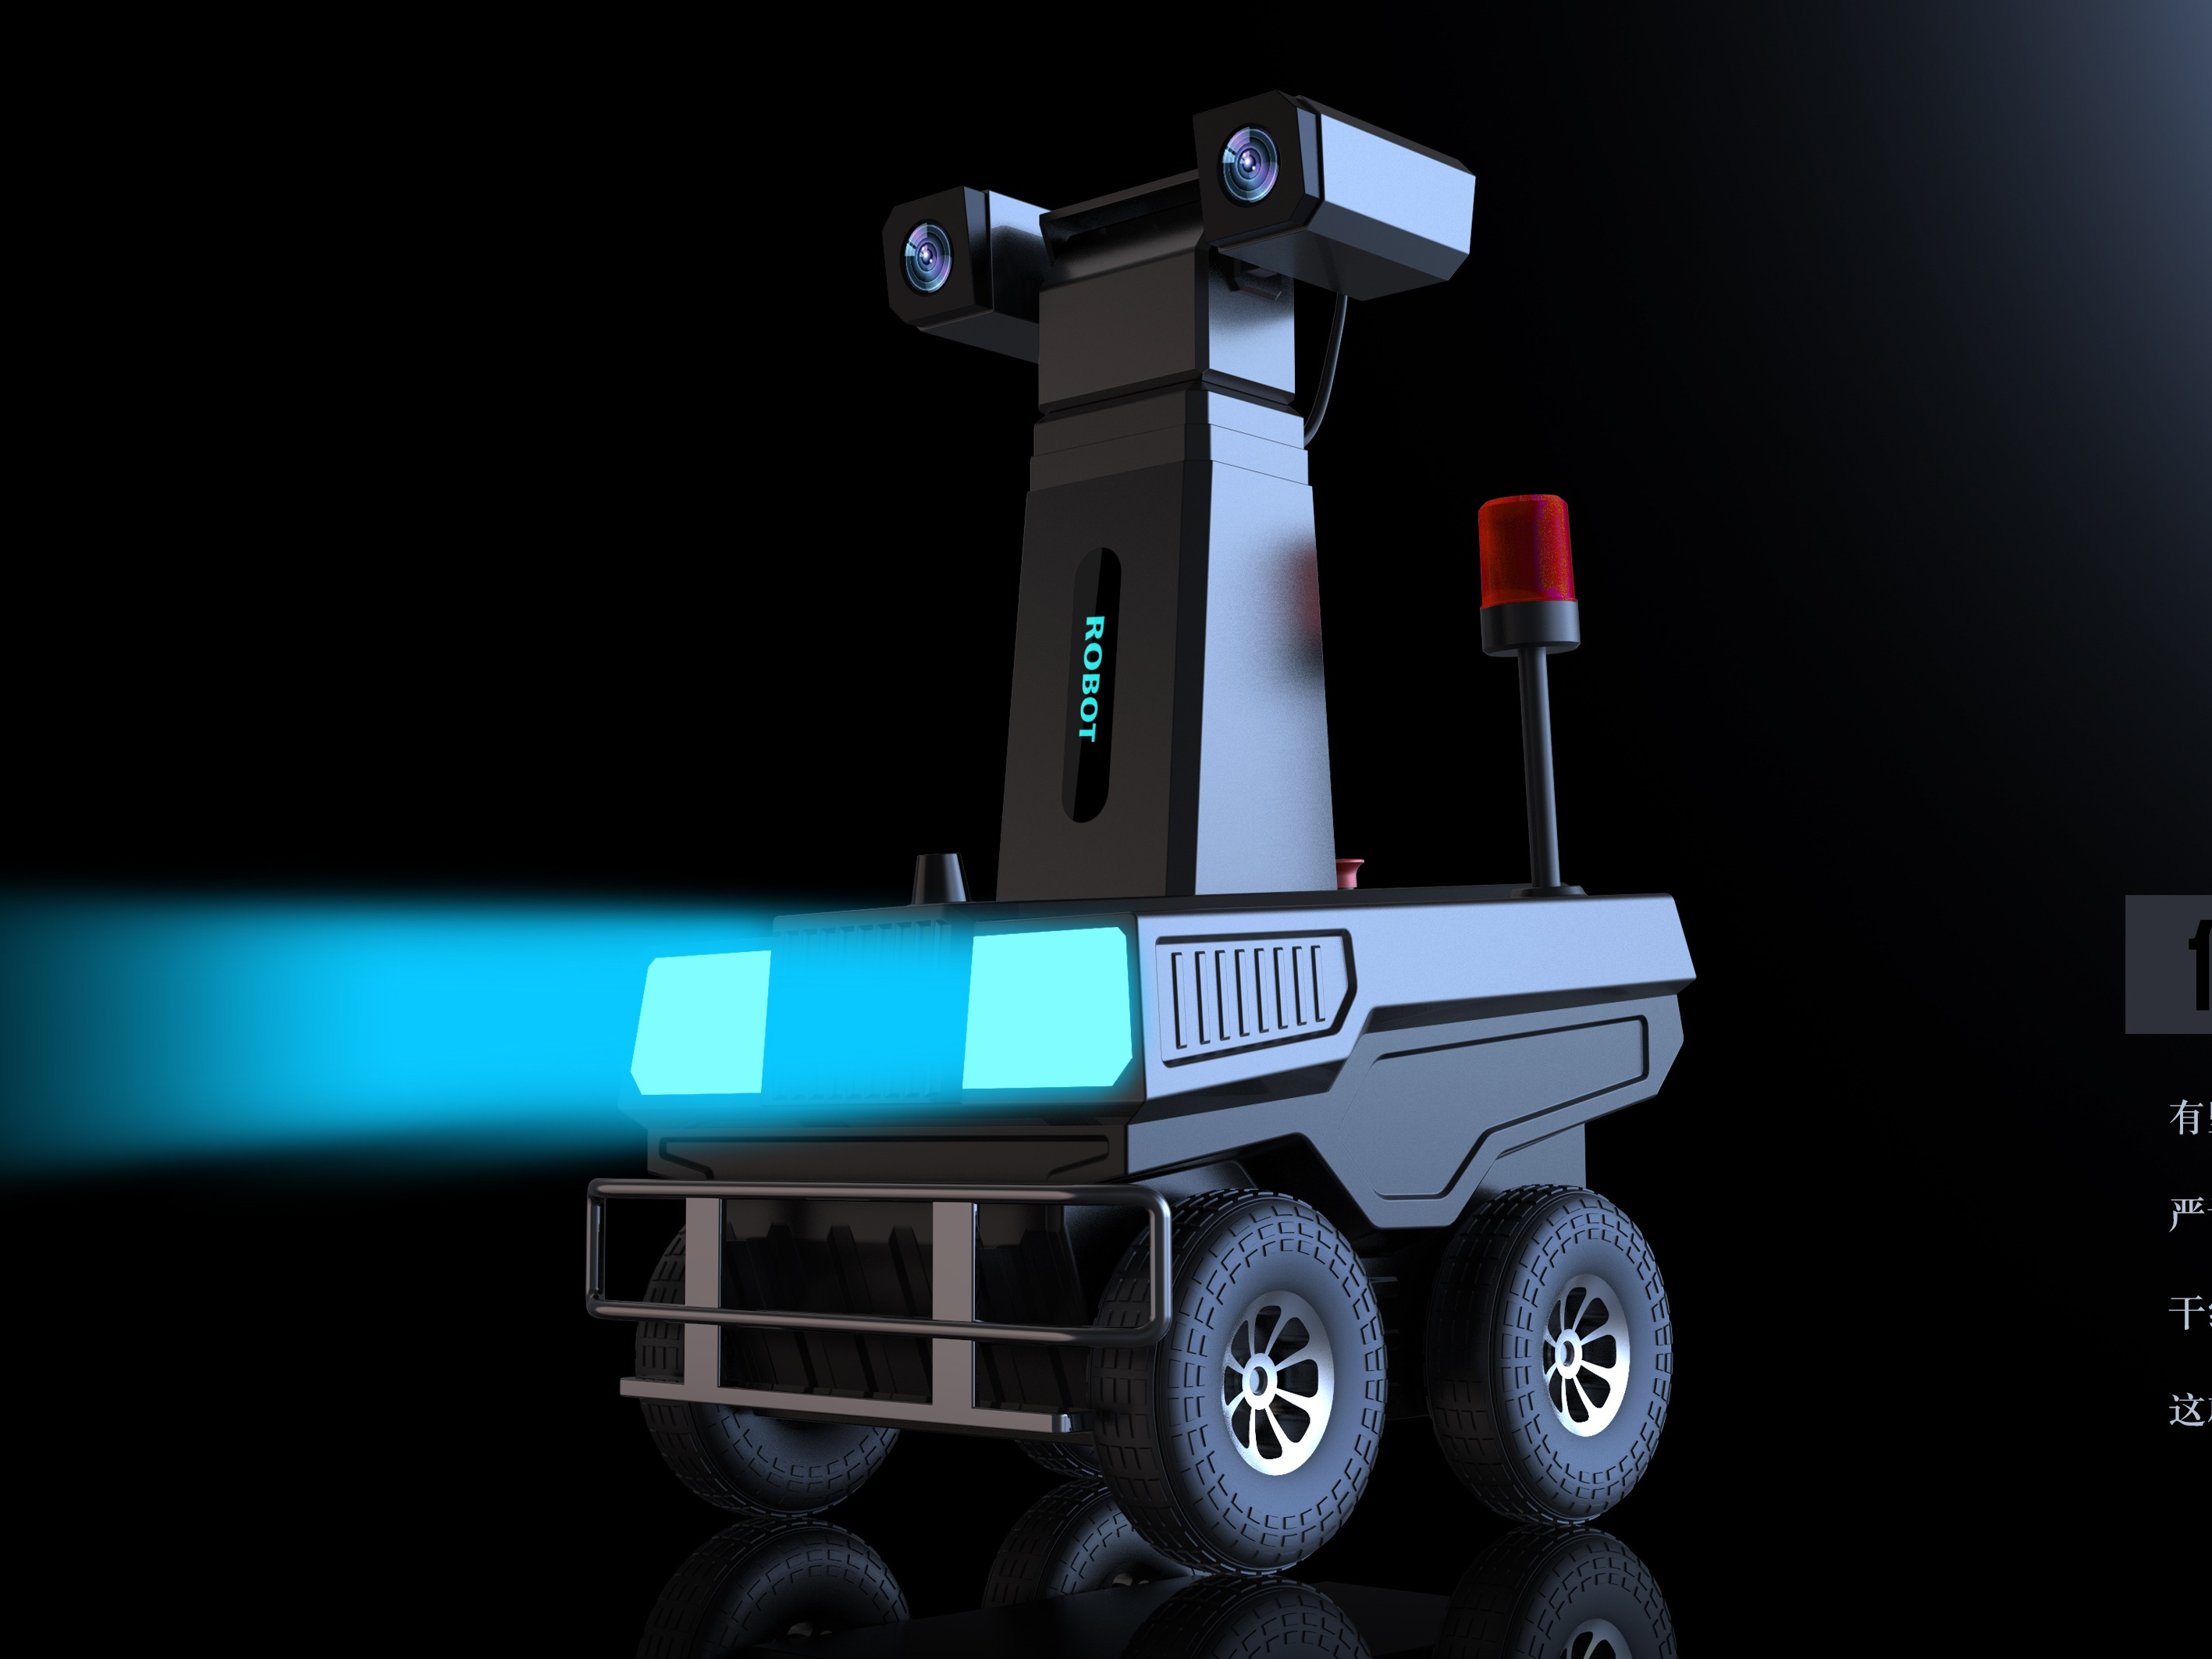 教育机器人 外观设计分享展示图片